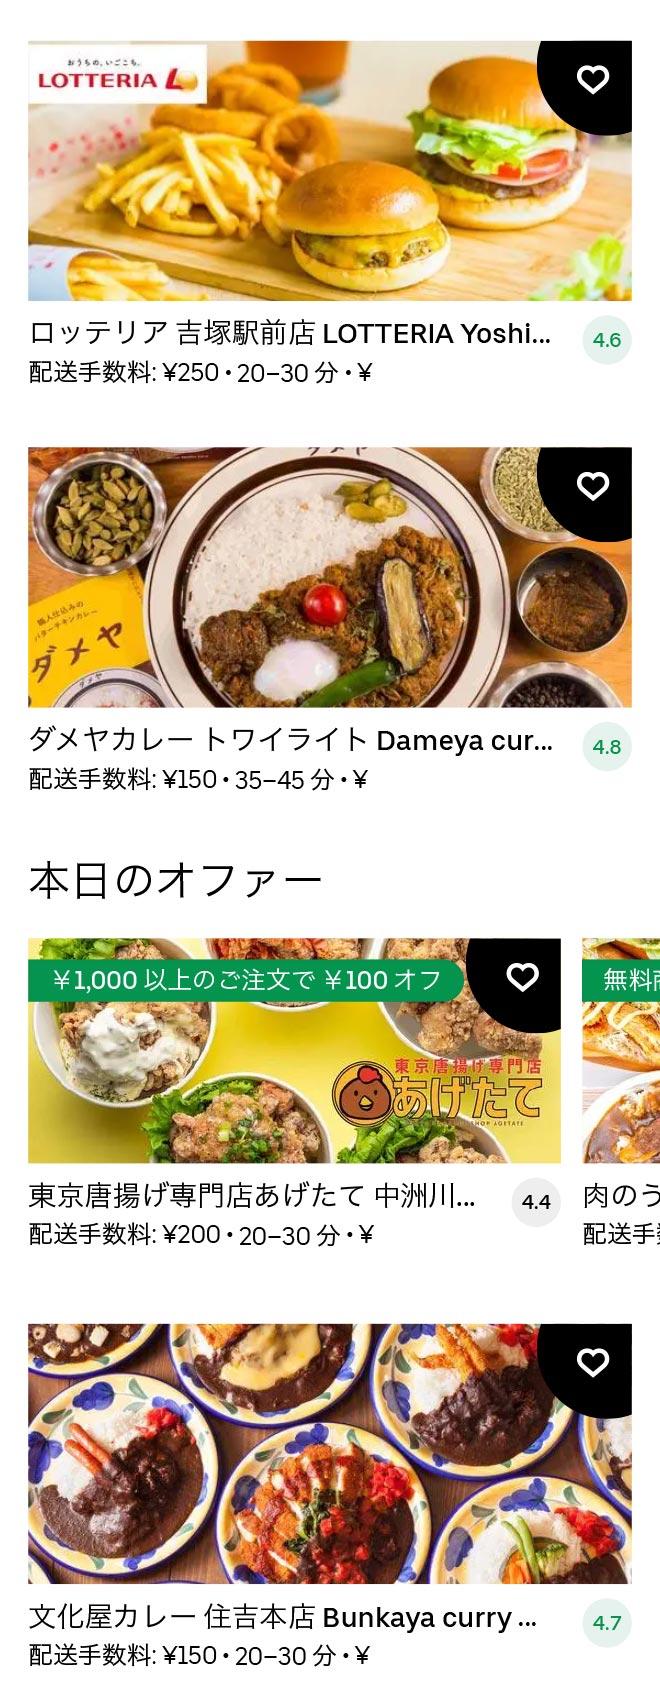 Higashi hie menu 2101 11